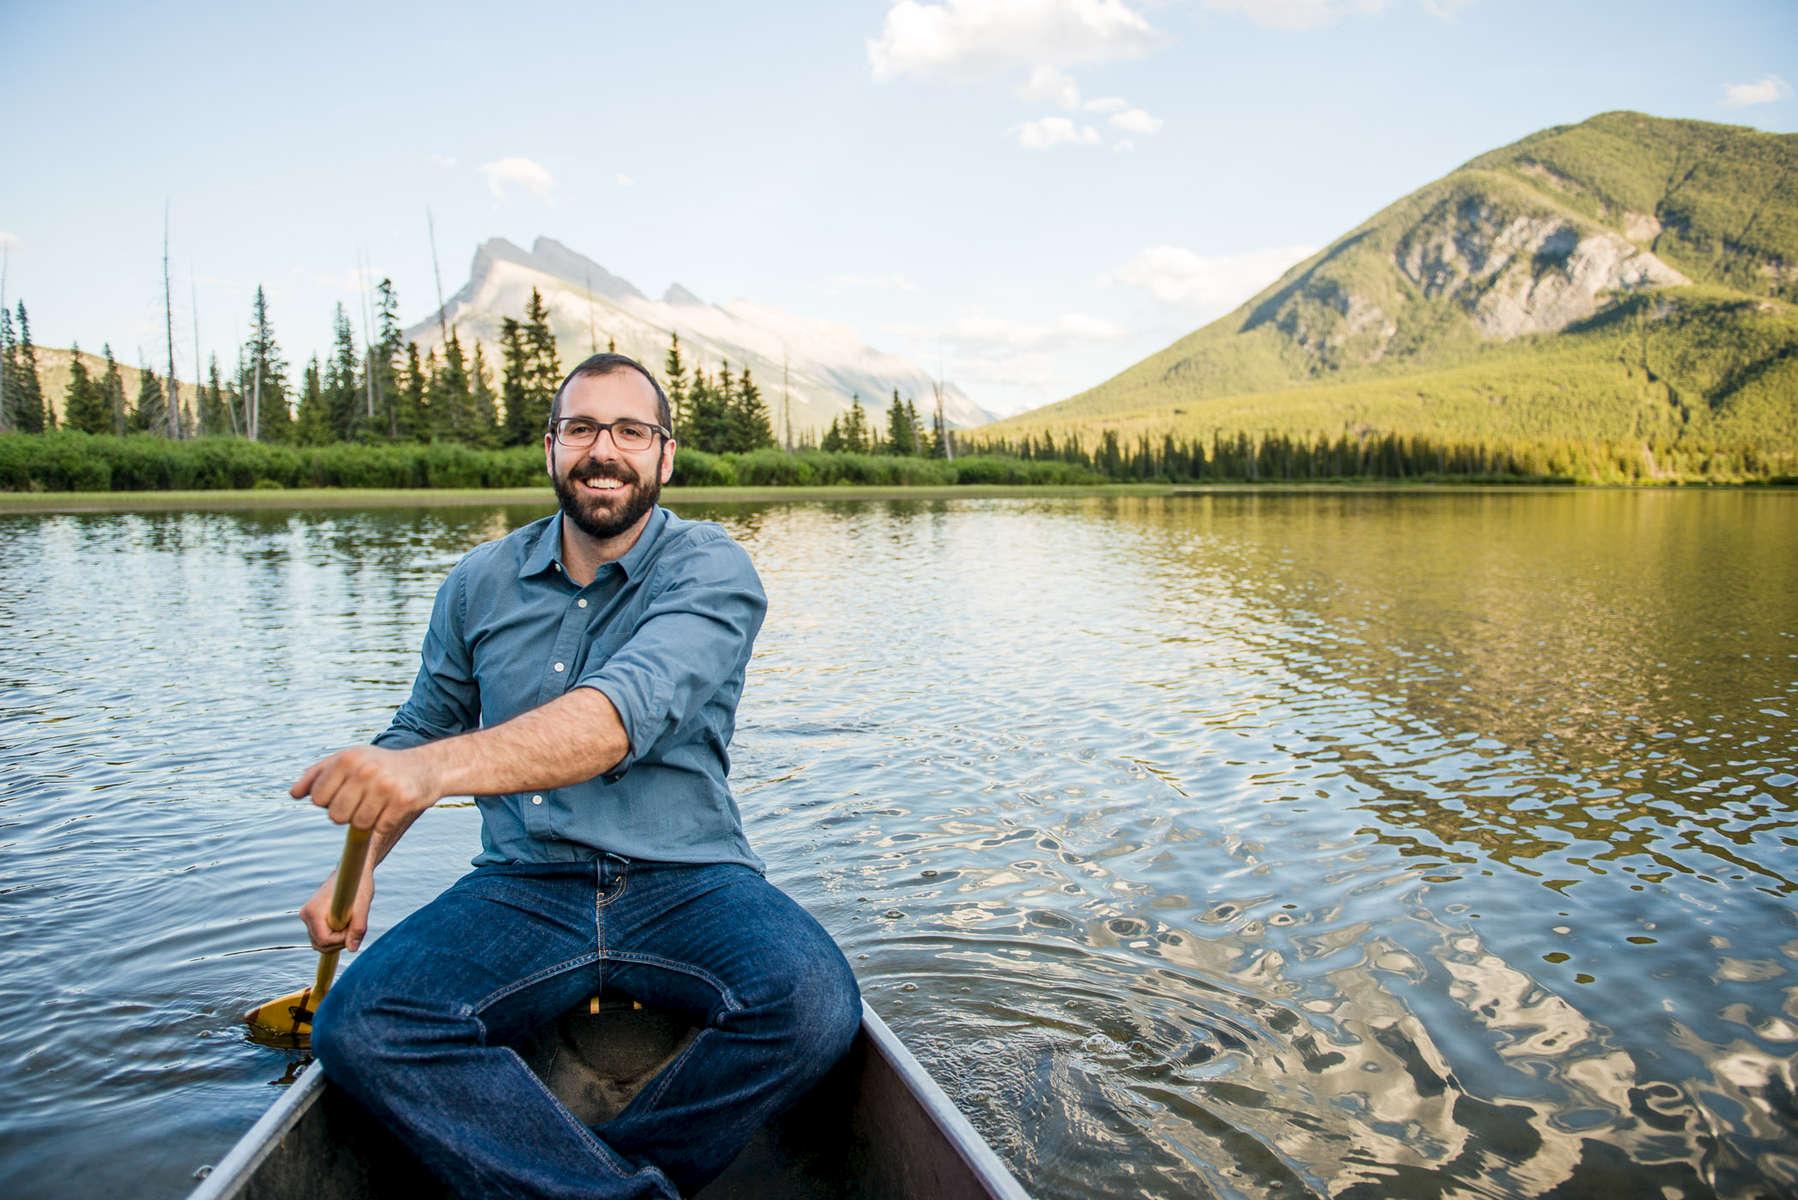 Banff-Engagement-Session-Canoe-086